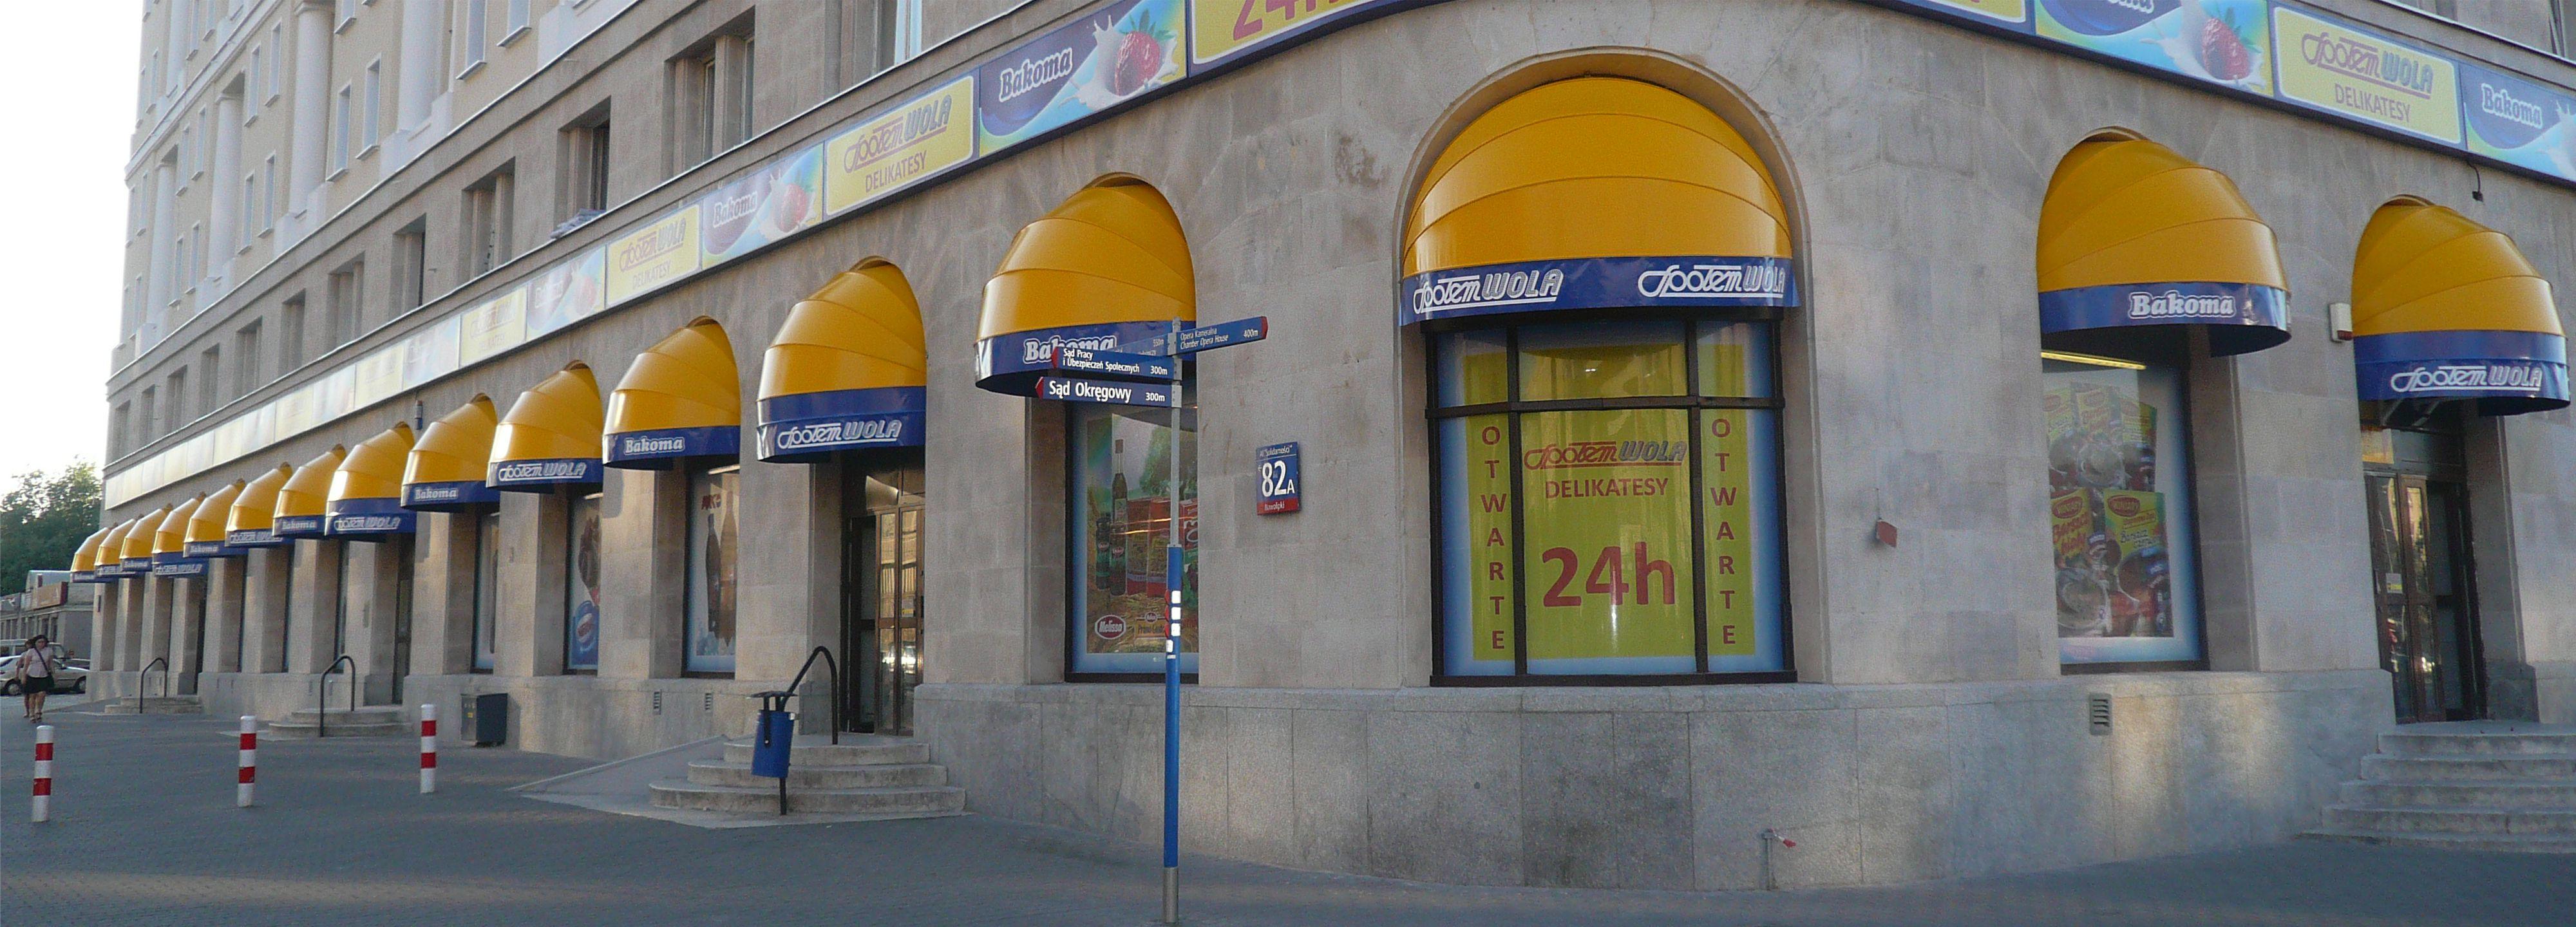 Markizy koszowe - Kulista